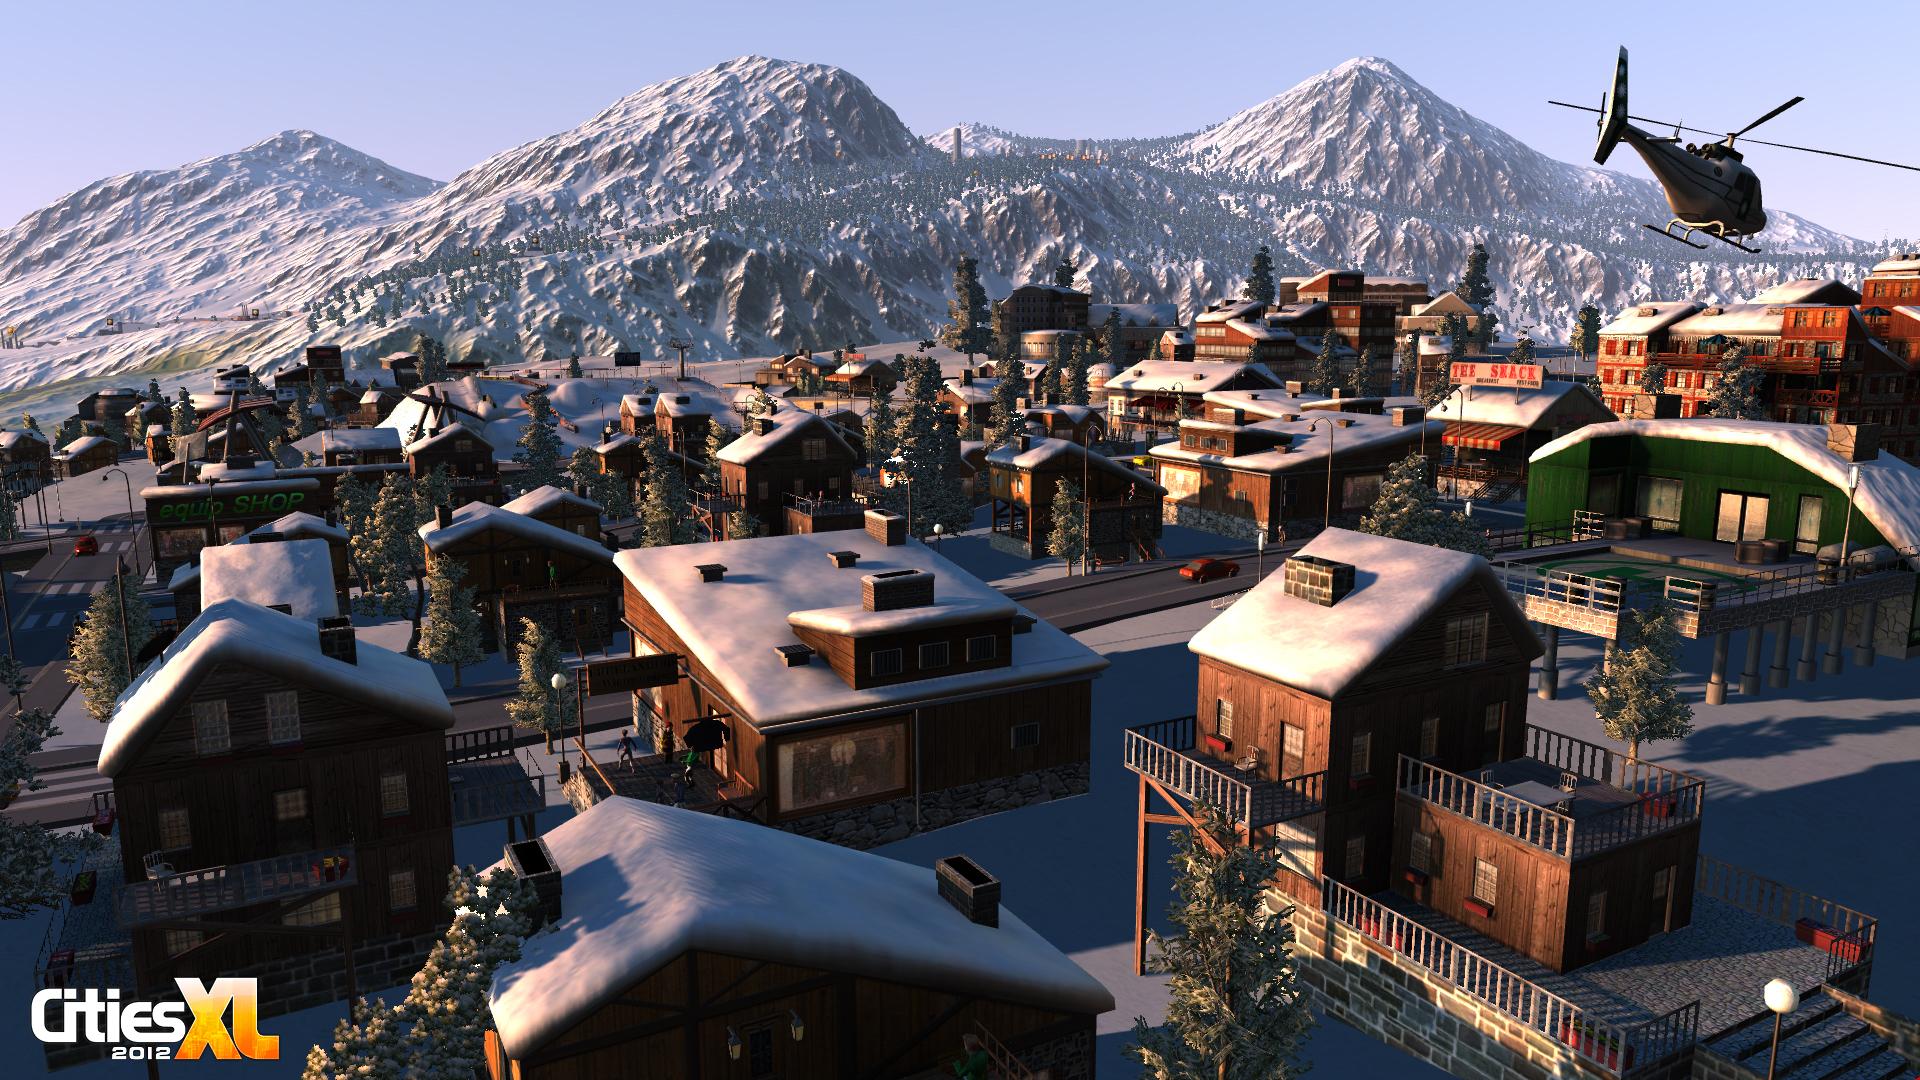 Představeno Cities XL 2012 46562